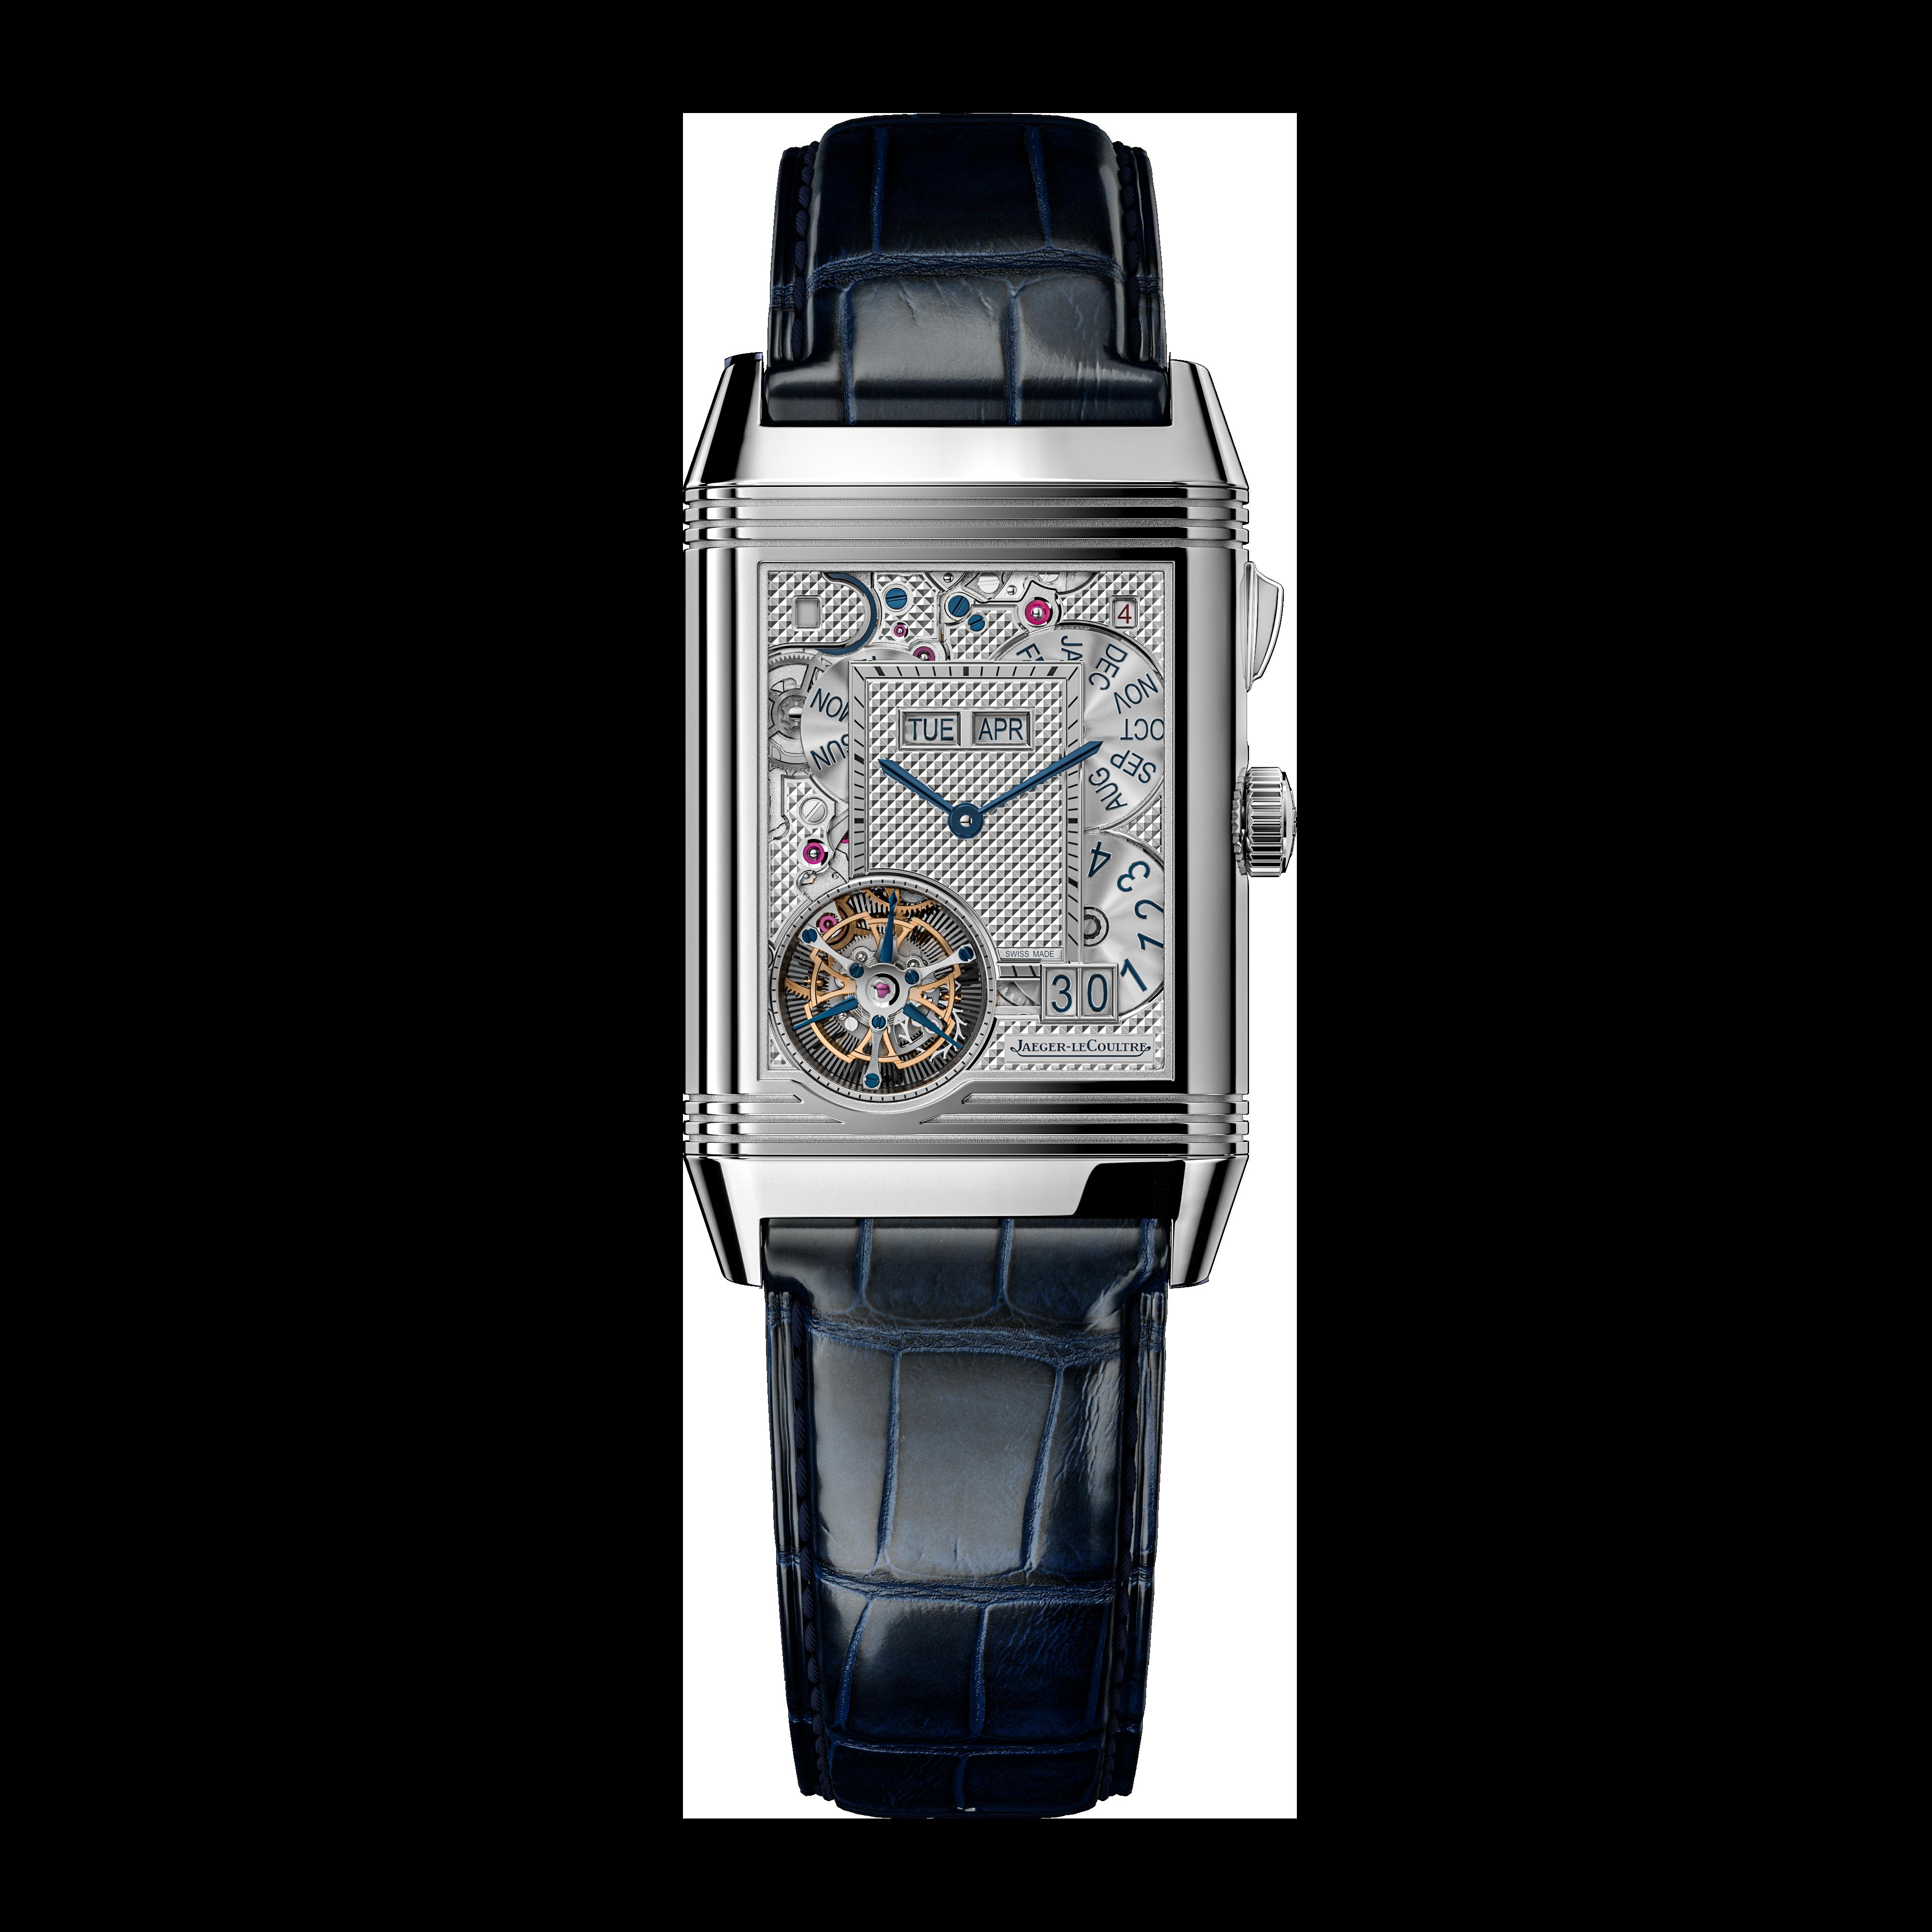 ساعة Reverso من جيجير لوكولتر Jaeger- LeCoultre